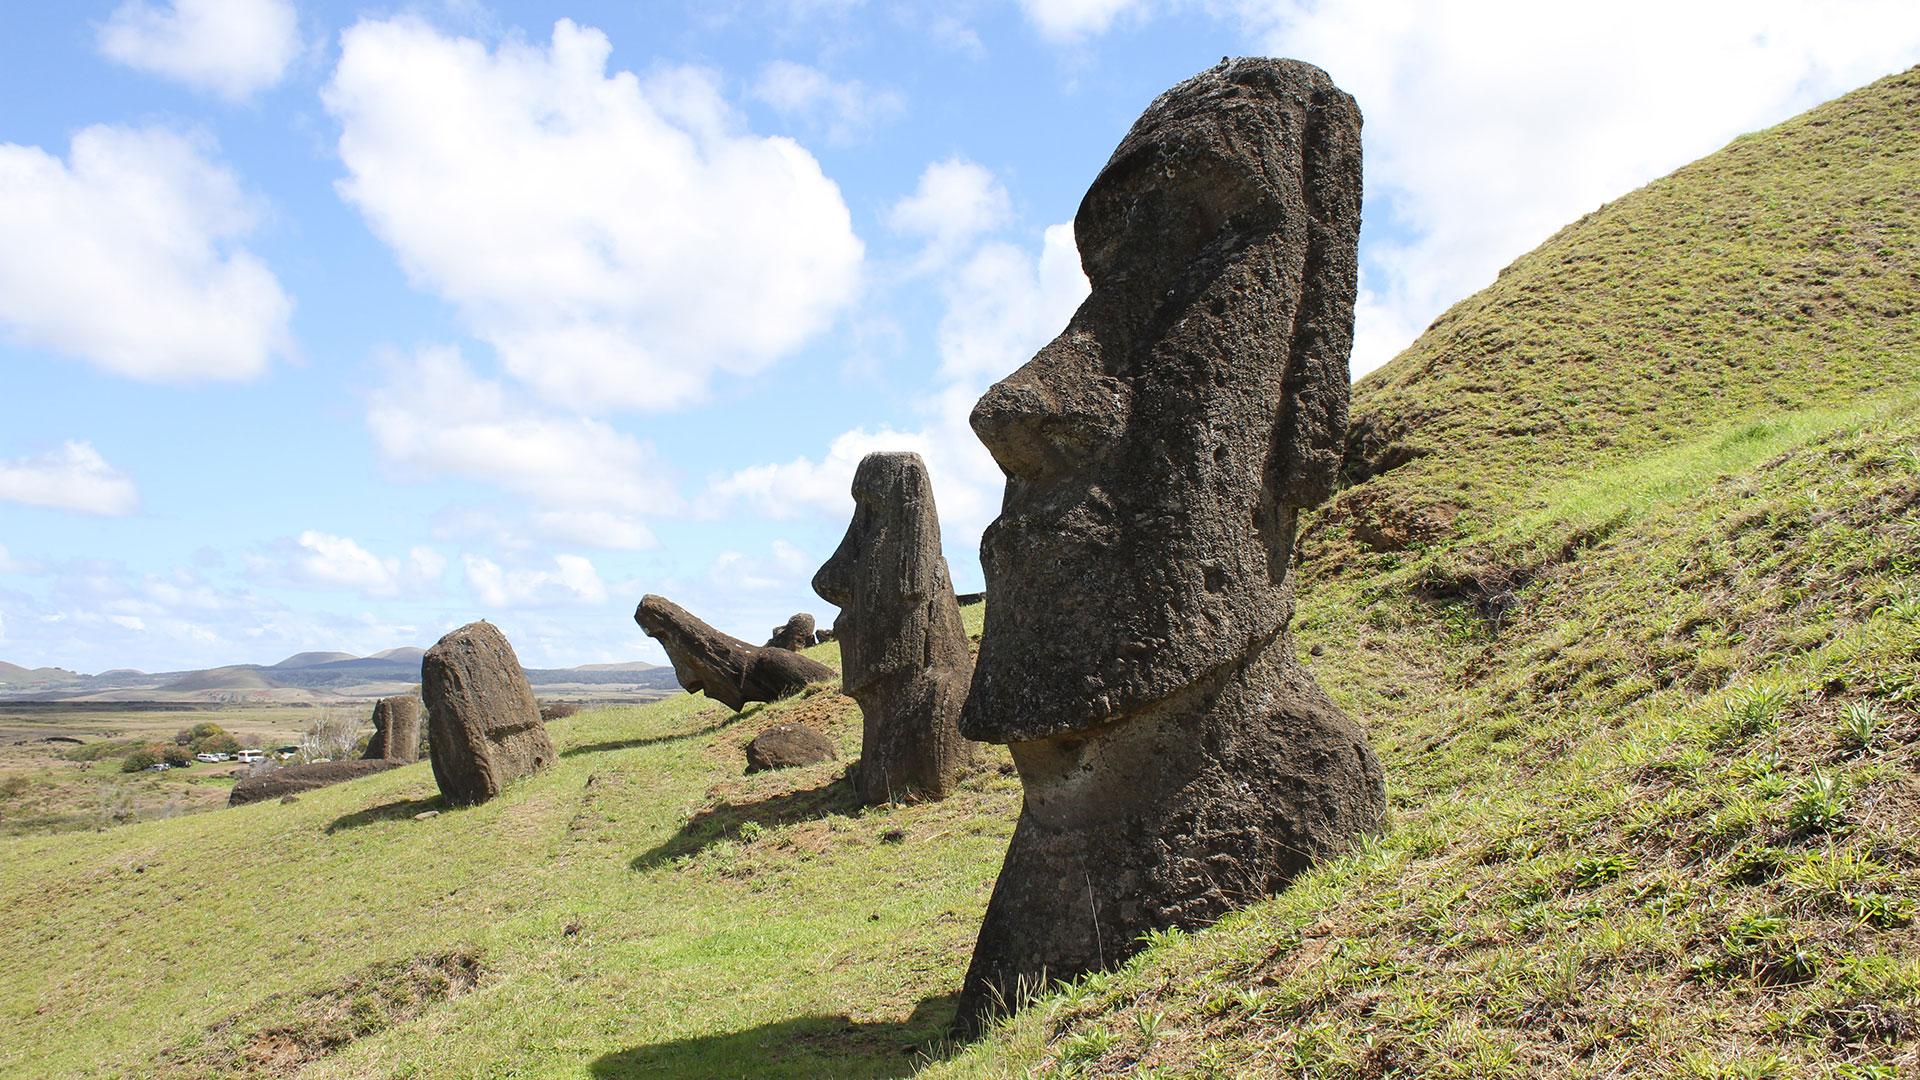 Die faszinierenden Steinstatuen der Osterinsel. Best of Chile – Zwei Wochen Naturwunder-Luxusreise mit Zusatzprogrammen Osterinsel, Kap Hoorn, Perito Moreno Gletscher